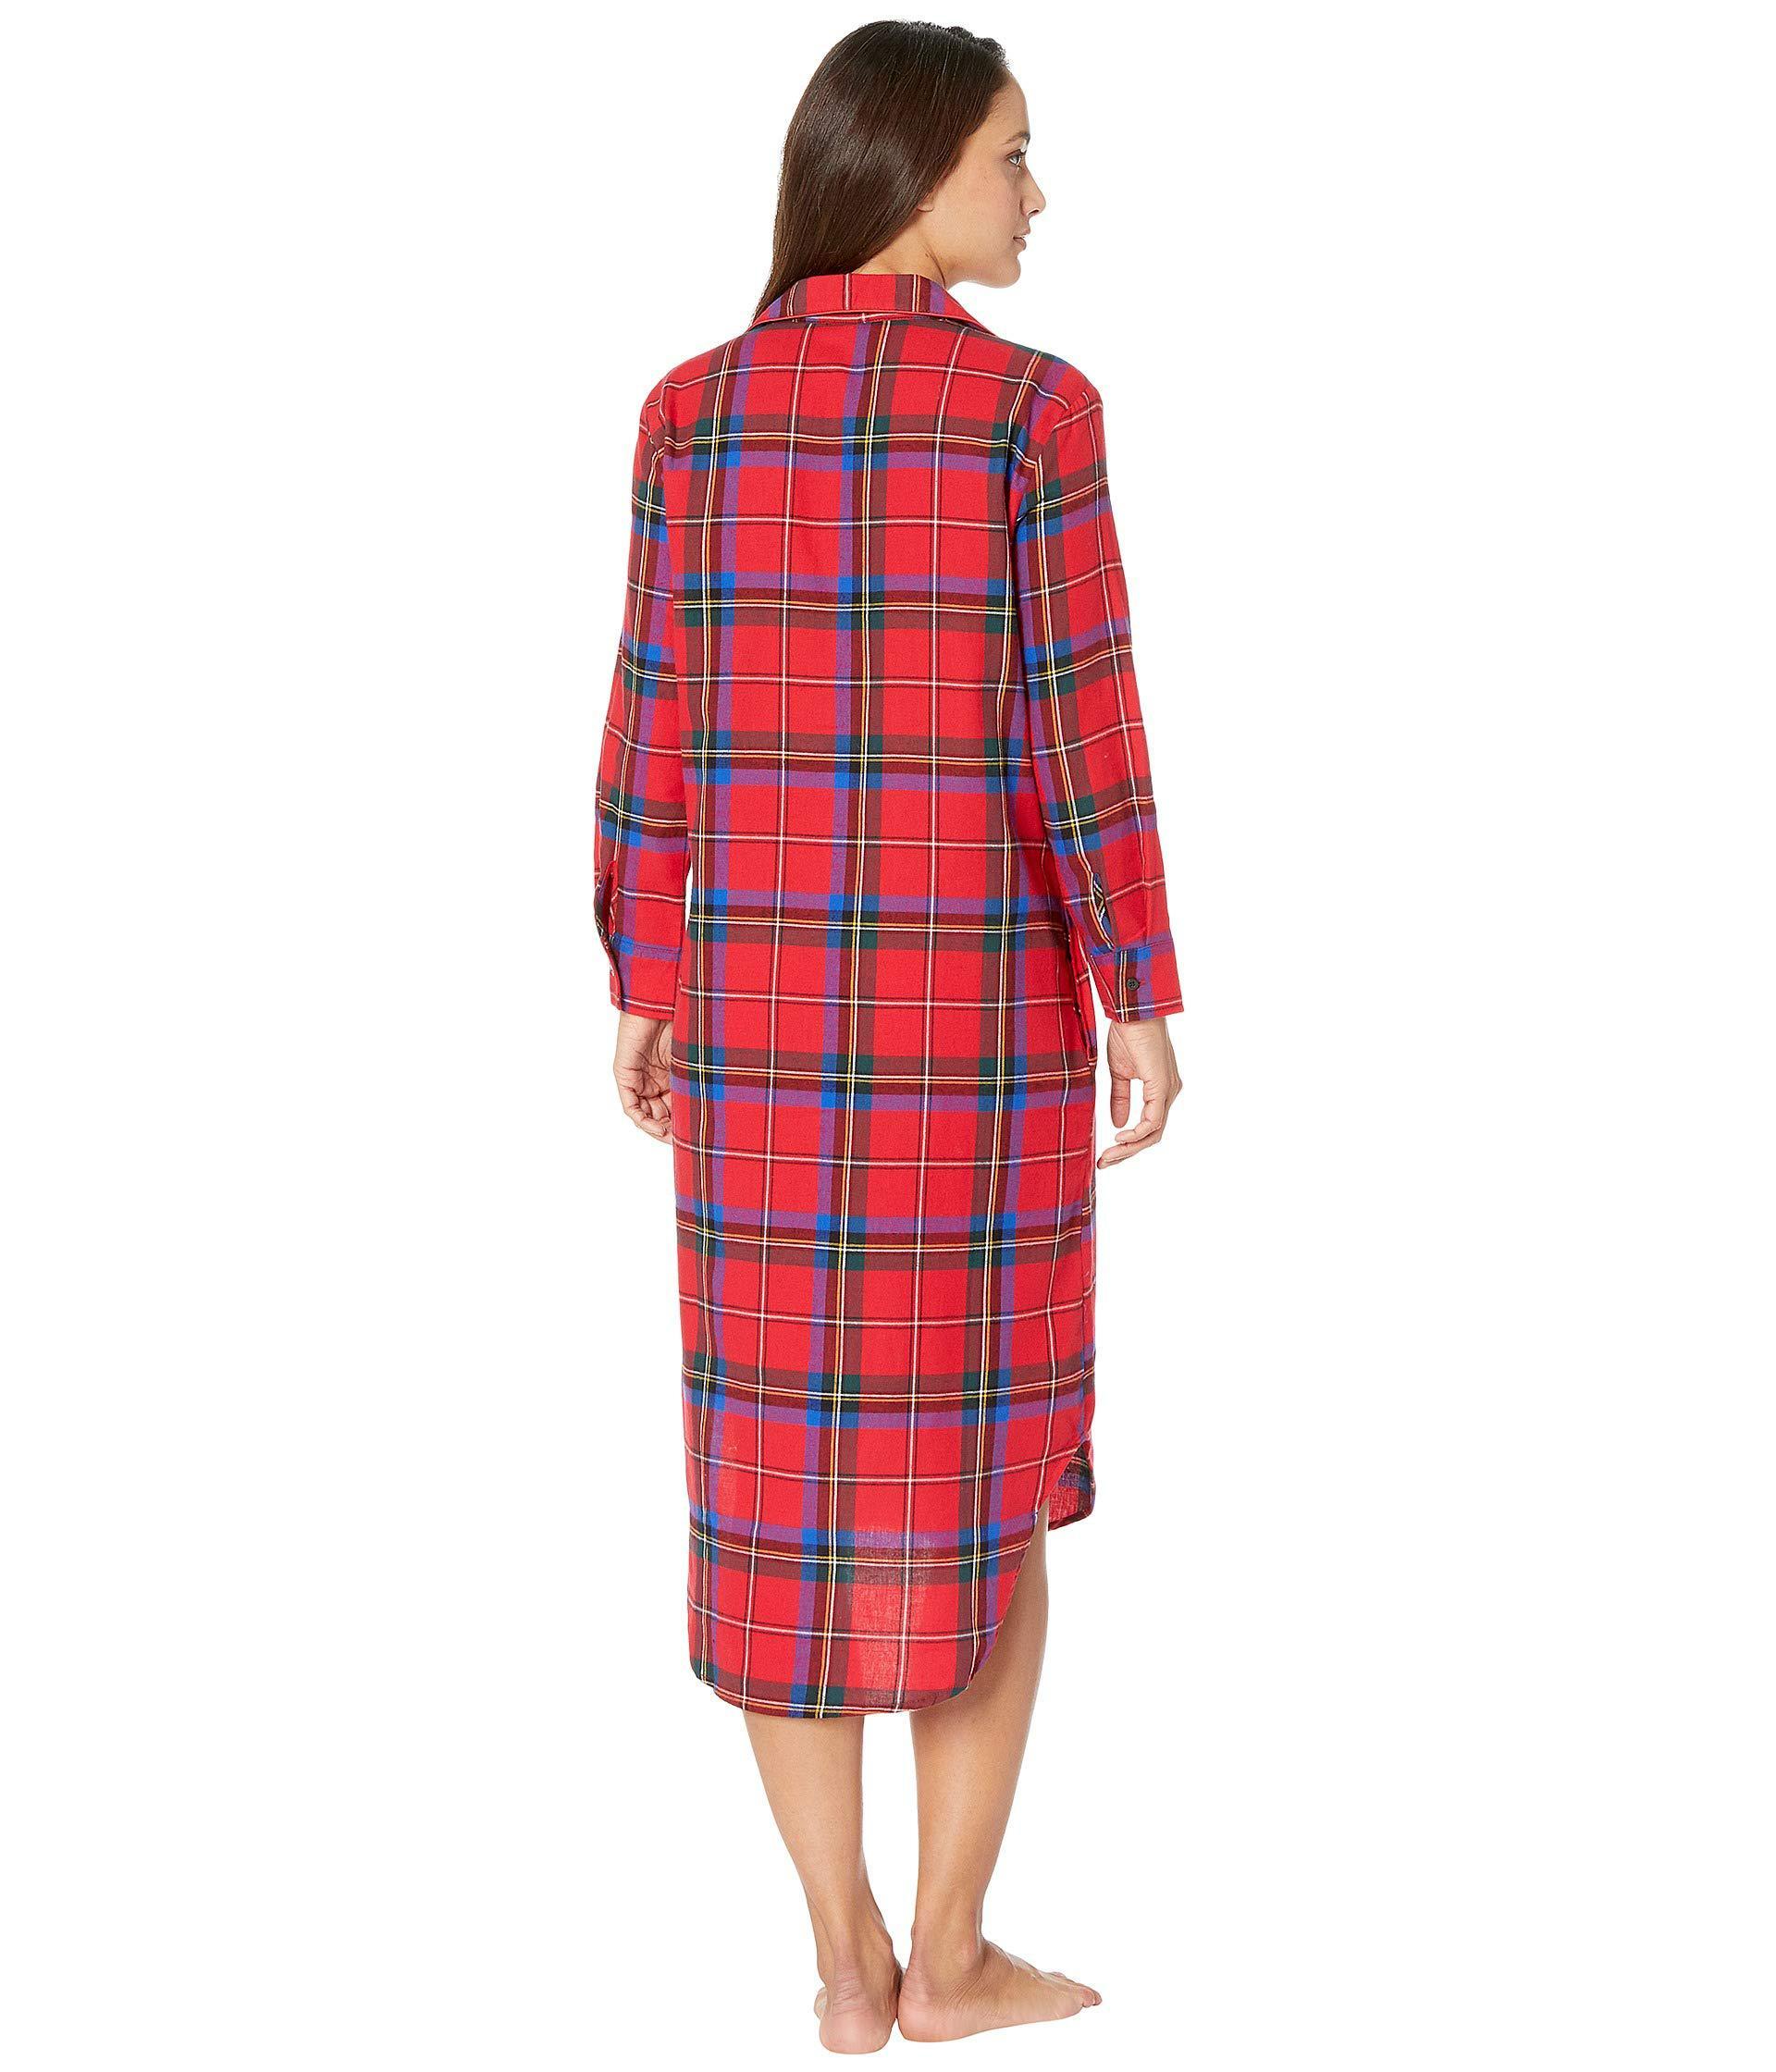 Lyst - Lauren by Ralph Lauren Petite Long Sleeve Ballet Length Sleepshirt  in Red - Save 10% d9bf8031a